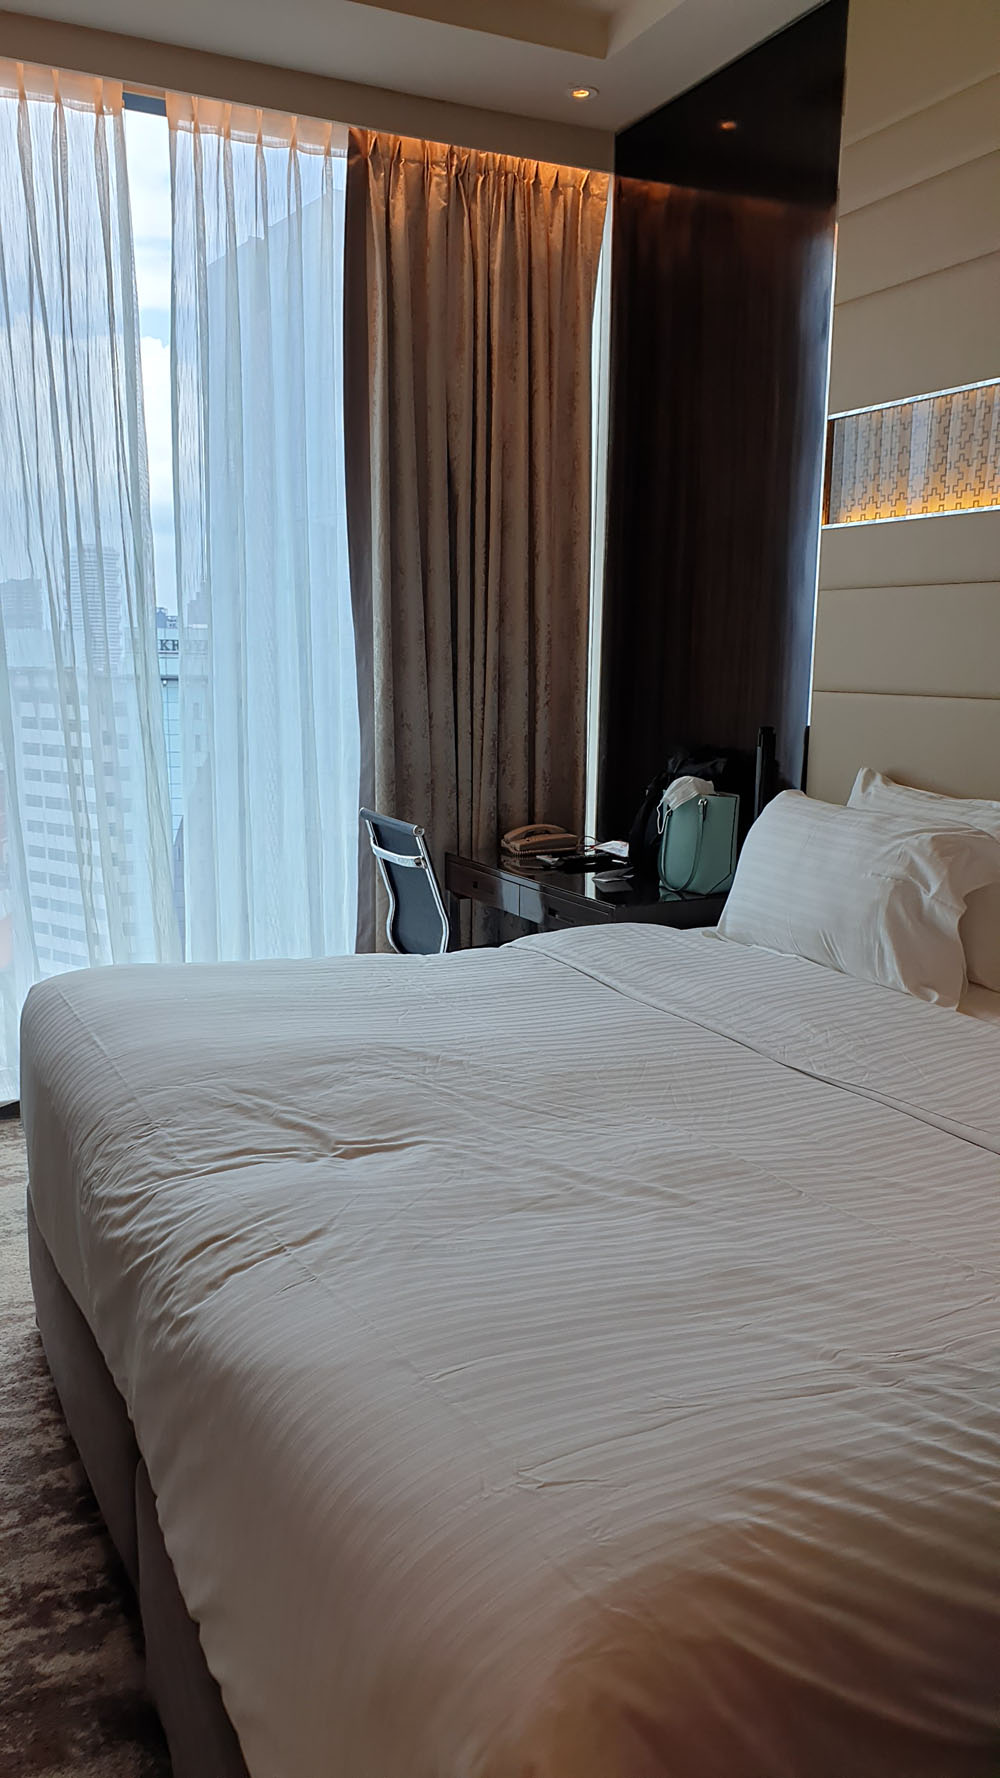 Park Hotel Farrer Park Bed